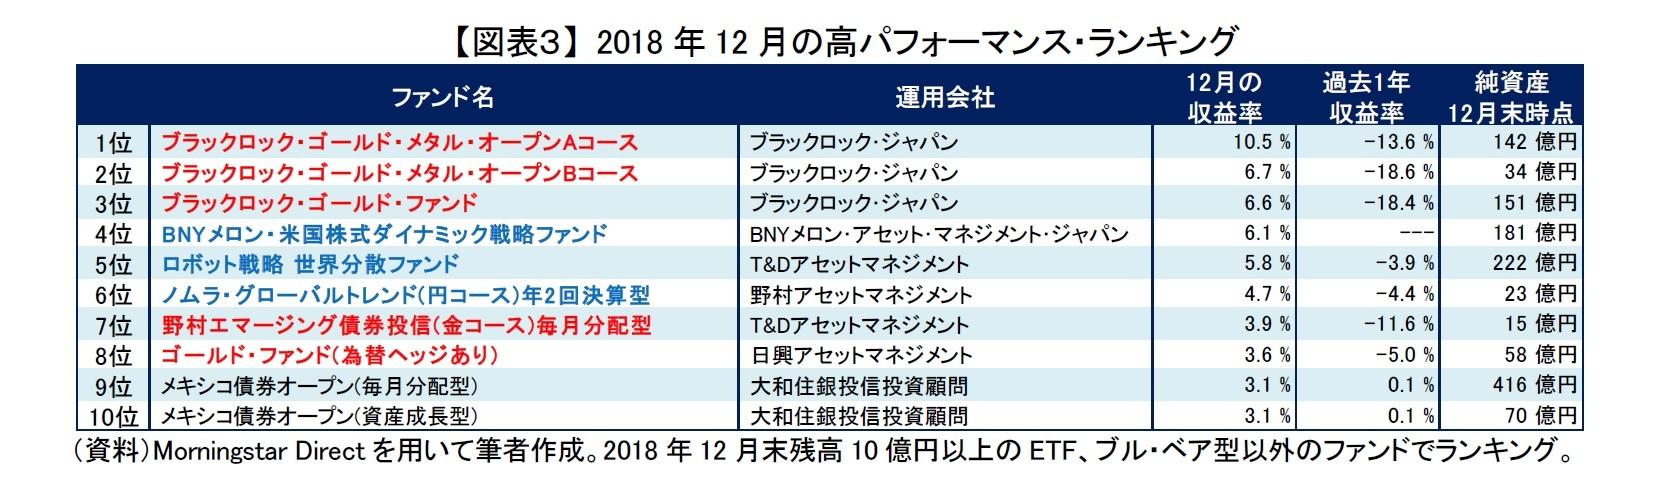 【図表3】 2018年12月の高パフォーマンス・ランキング